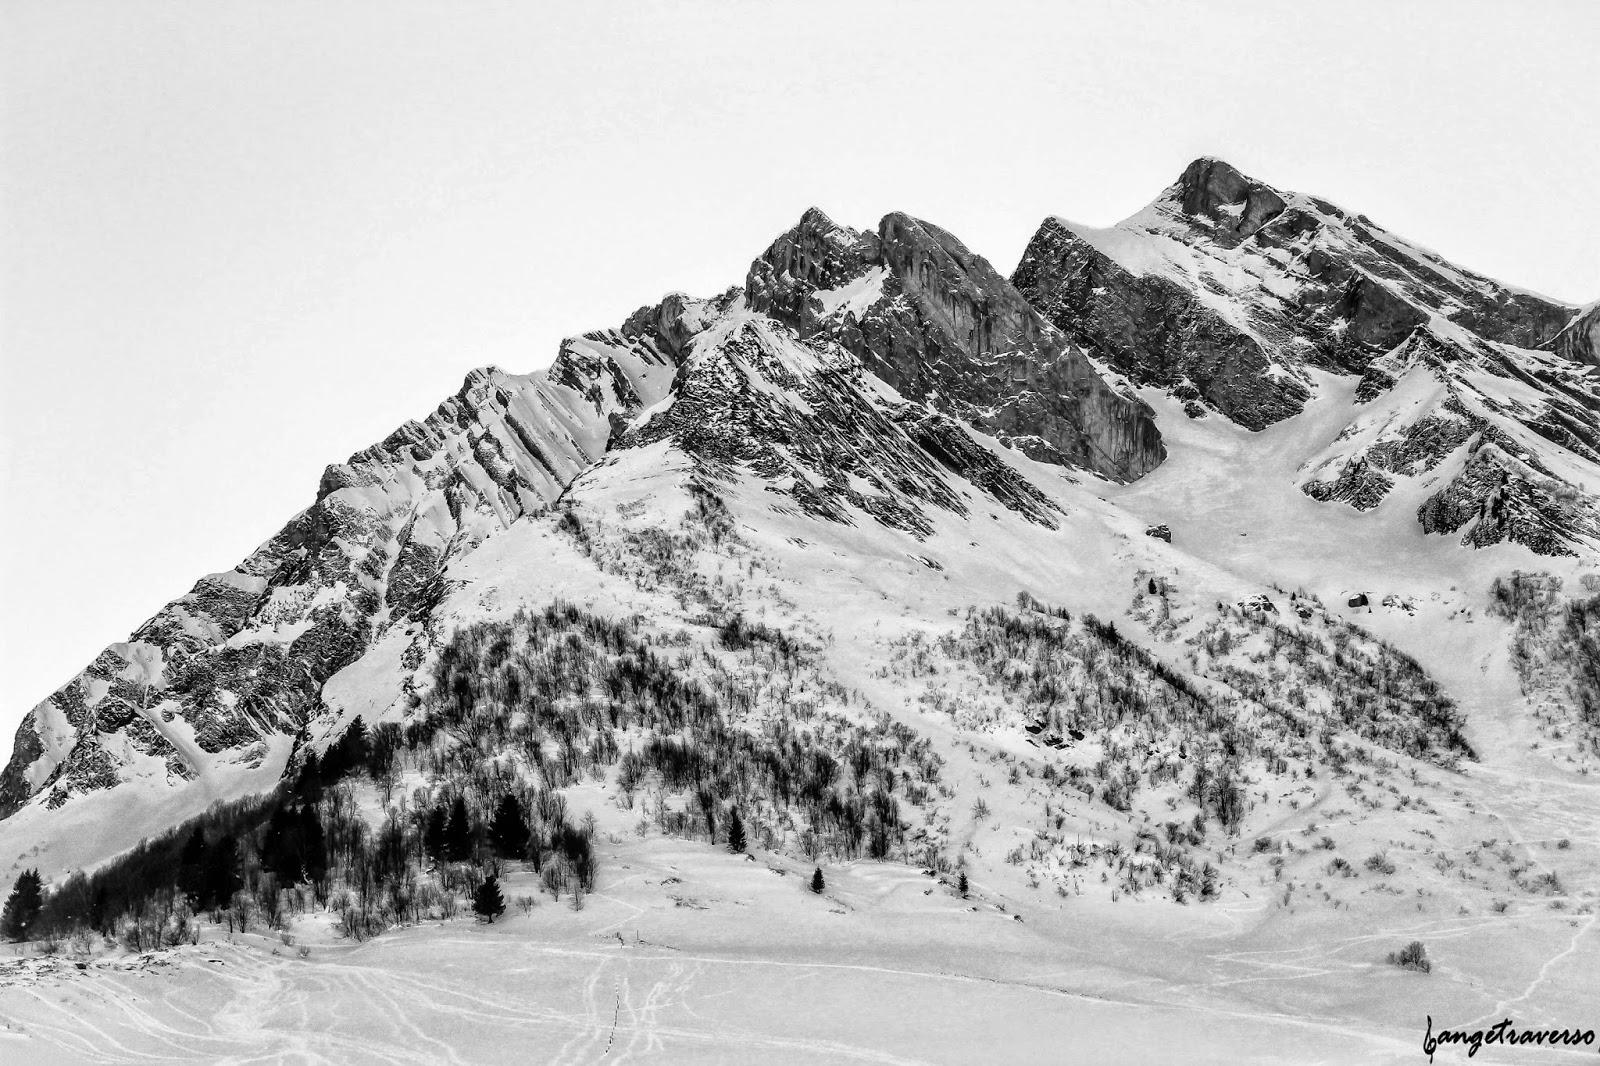 Panorama du Massif des Aravis. Photo prise depuis le col des Aravis, en Haute-Savoie